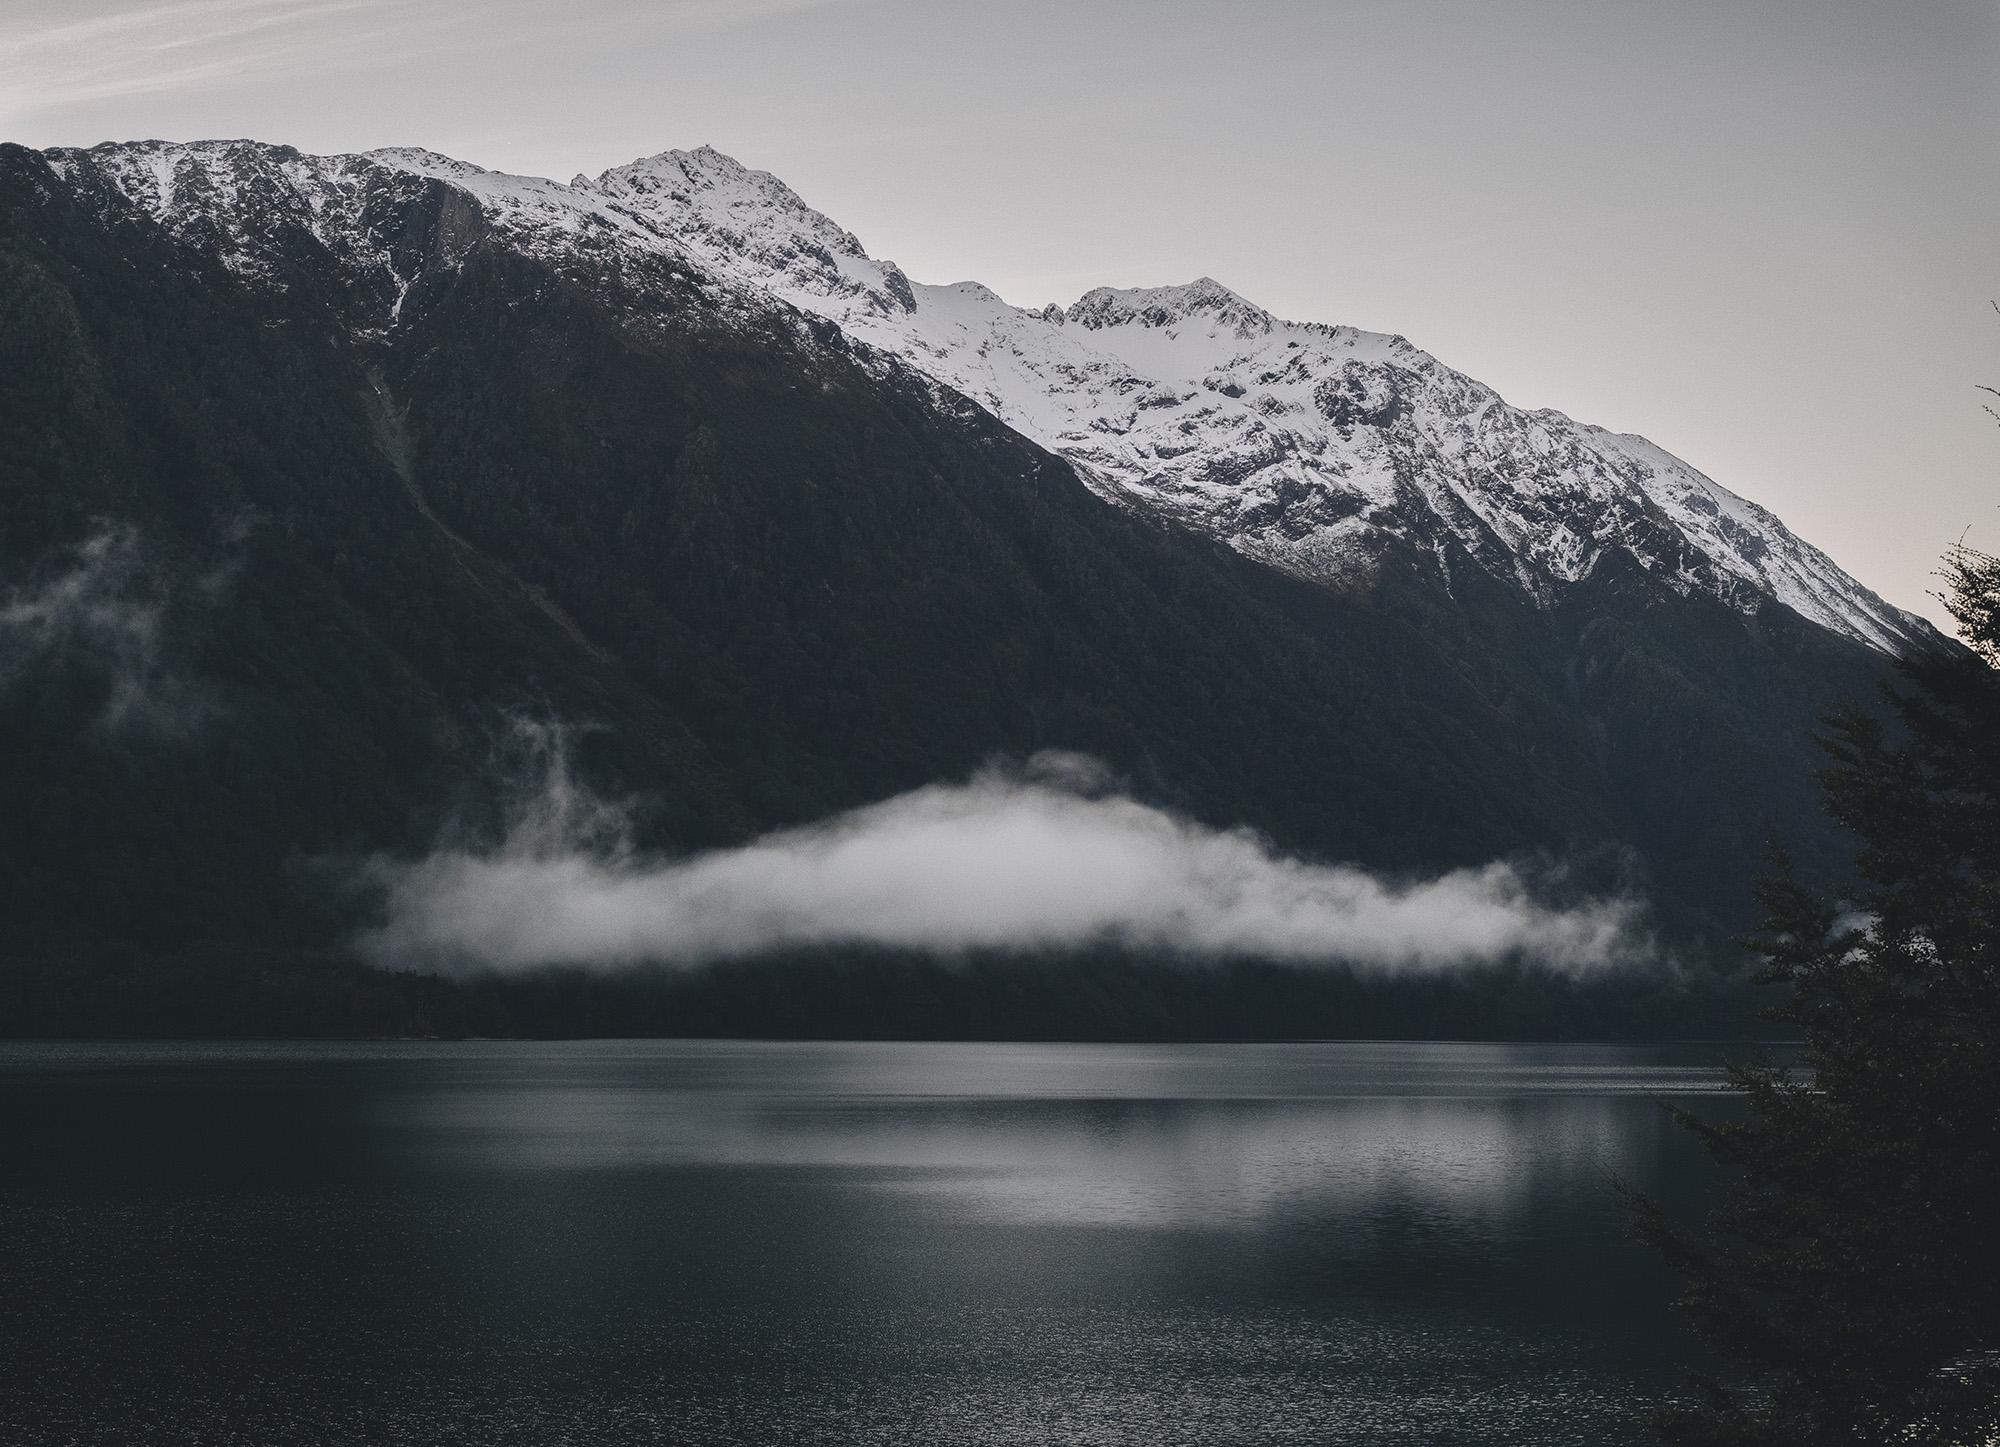 NZ_5180221.jpg